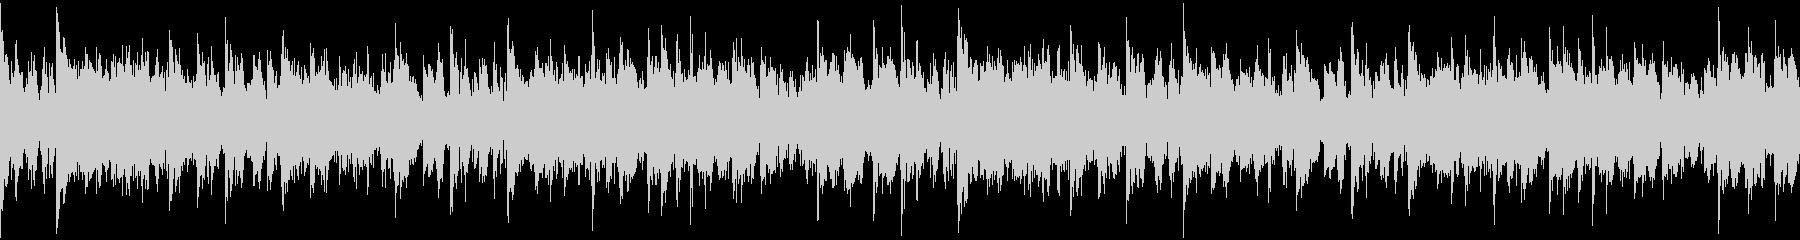 重厚打楽器のホラー系Loop BGMの未再生の波形